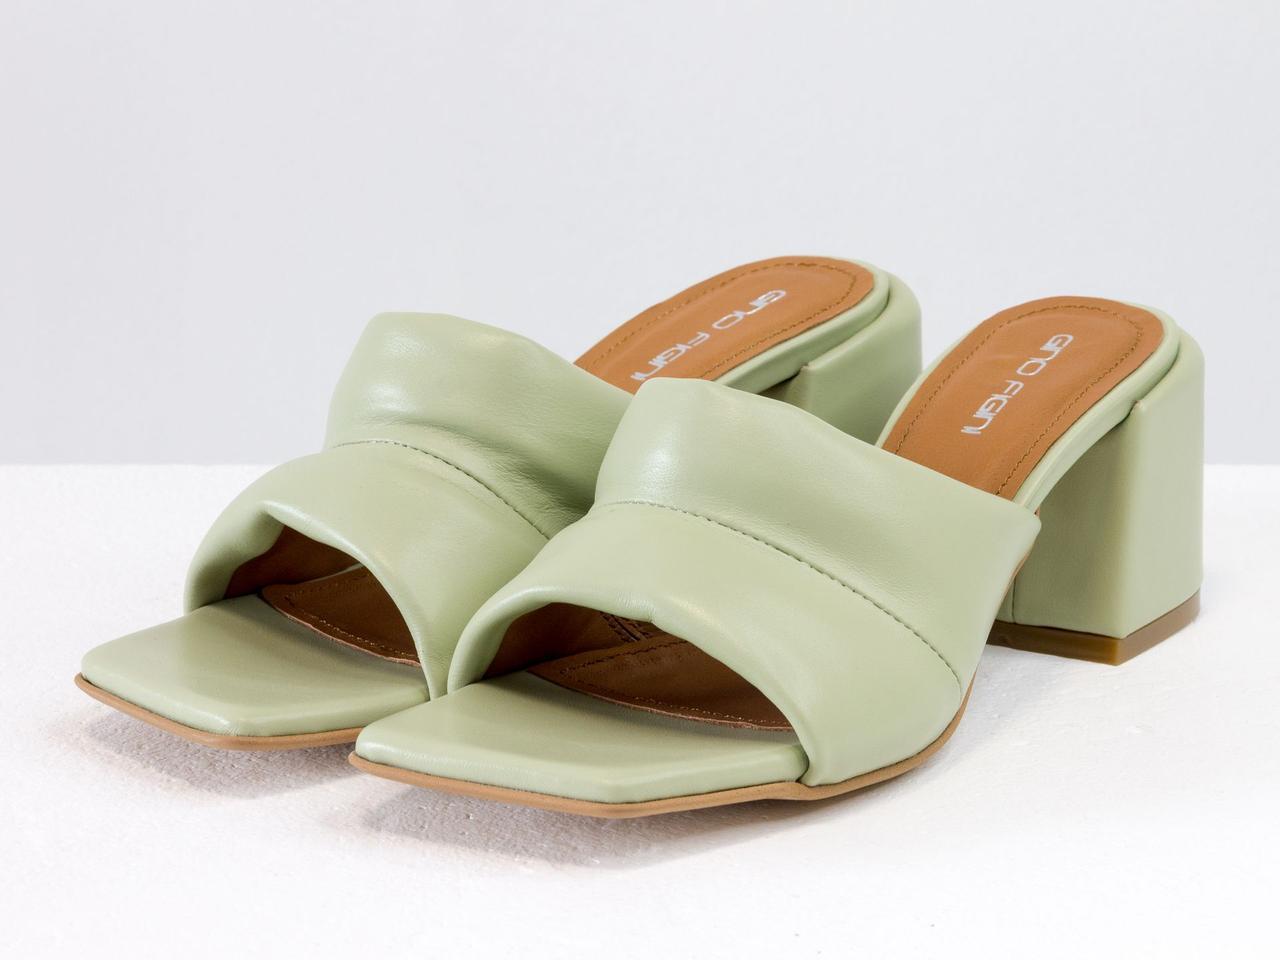 """Дизайнерские мягкие мюли """"дутики"""" оливкового цвета, на каблуке"""